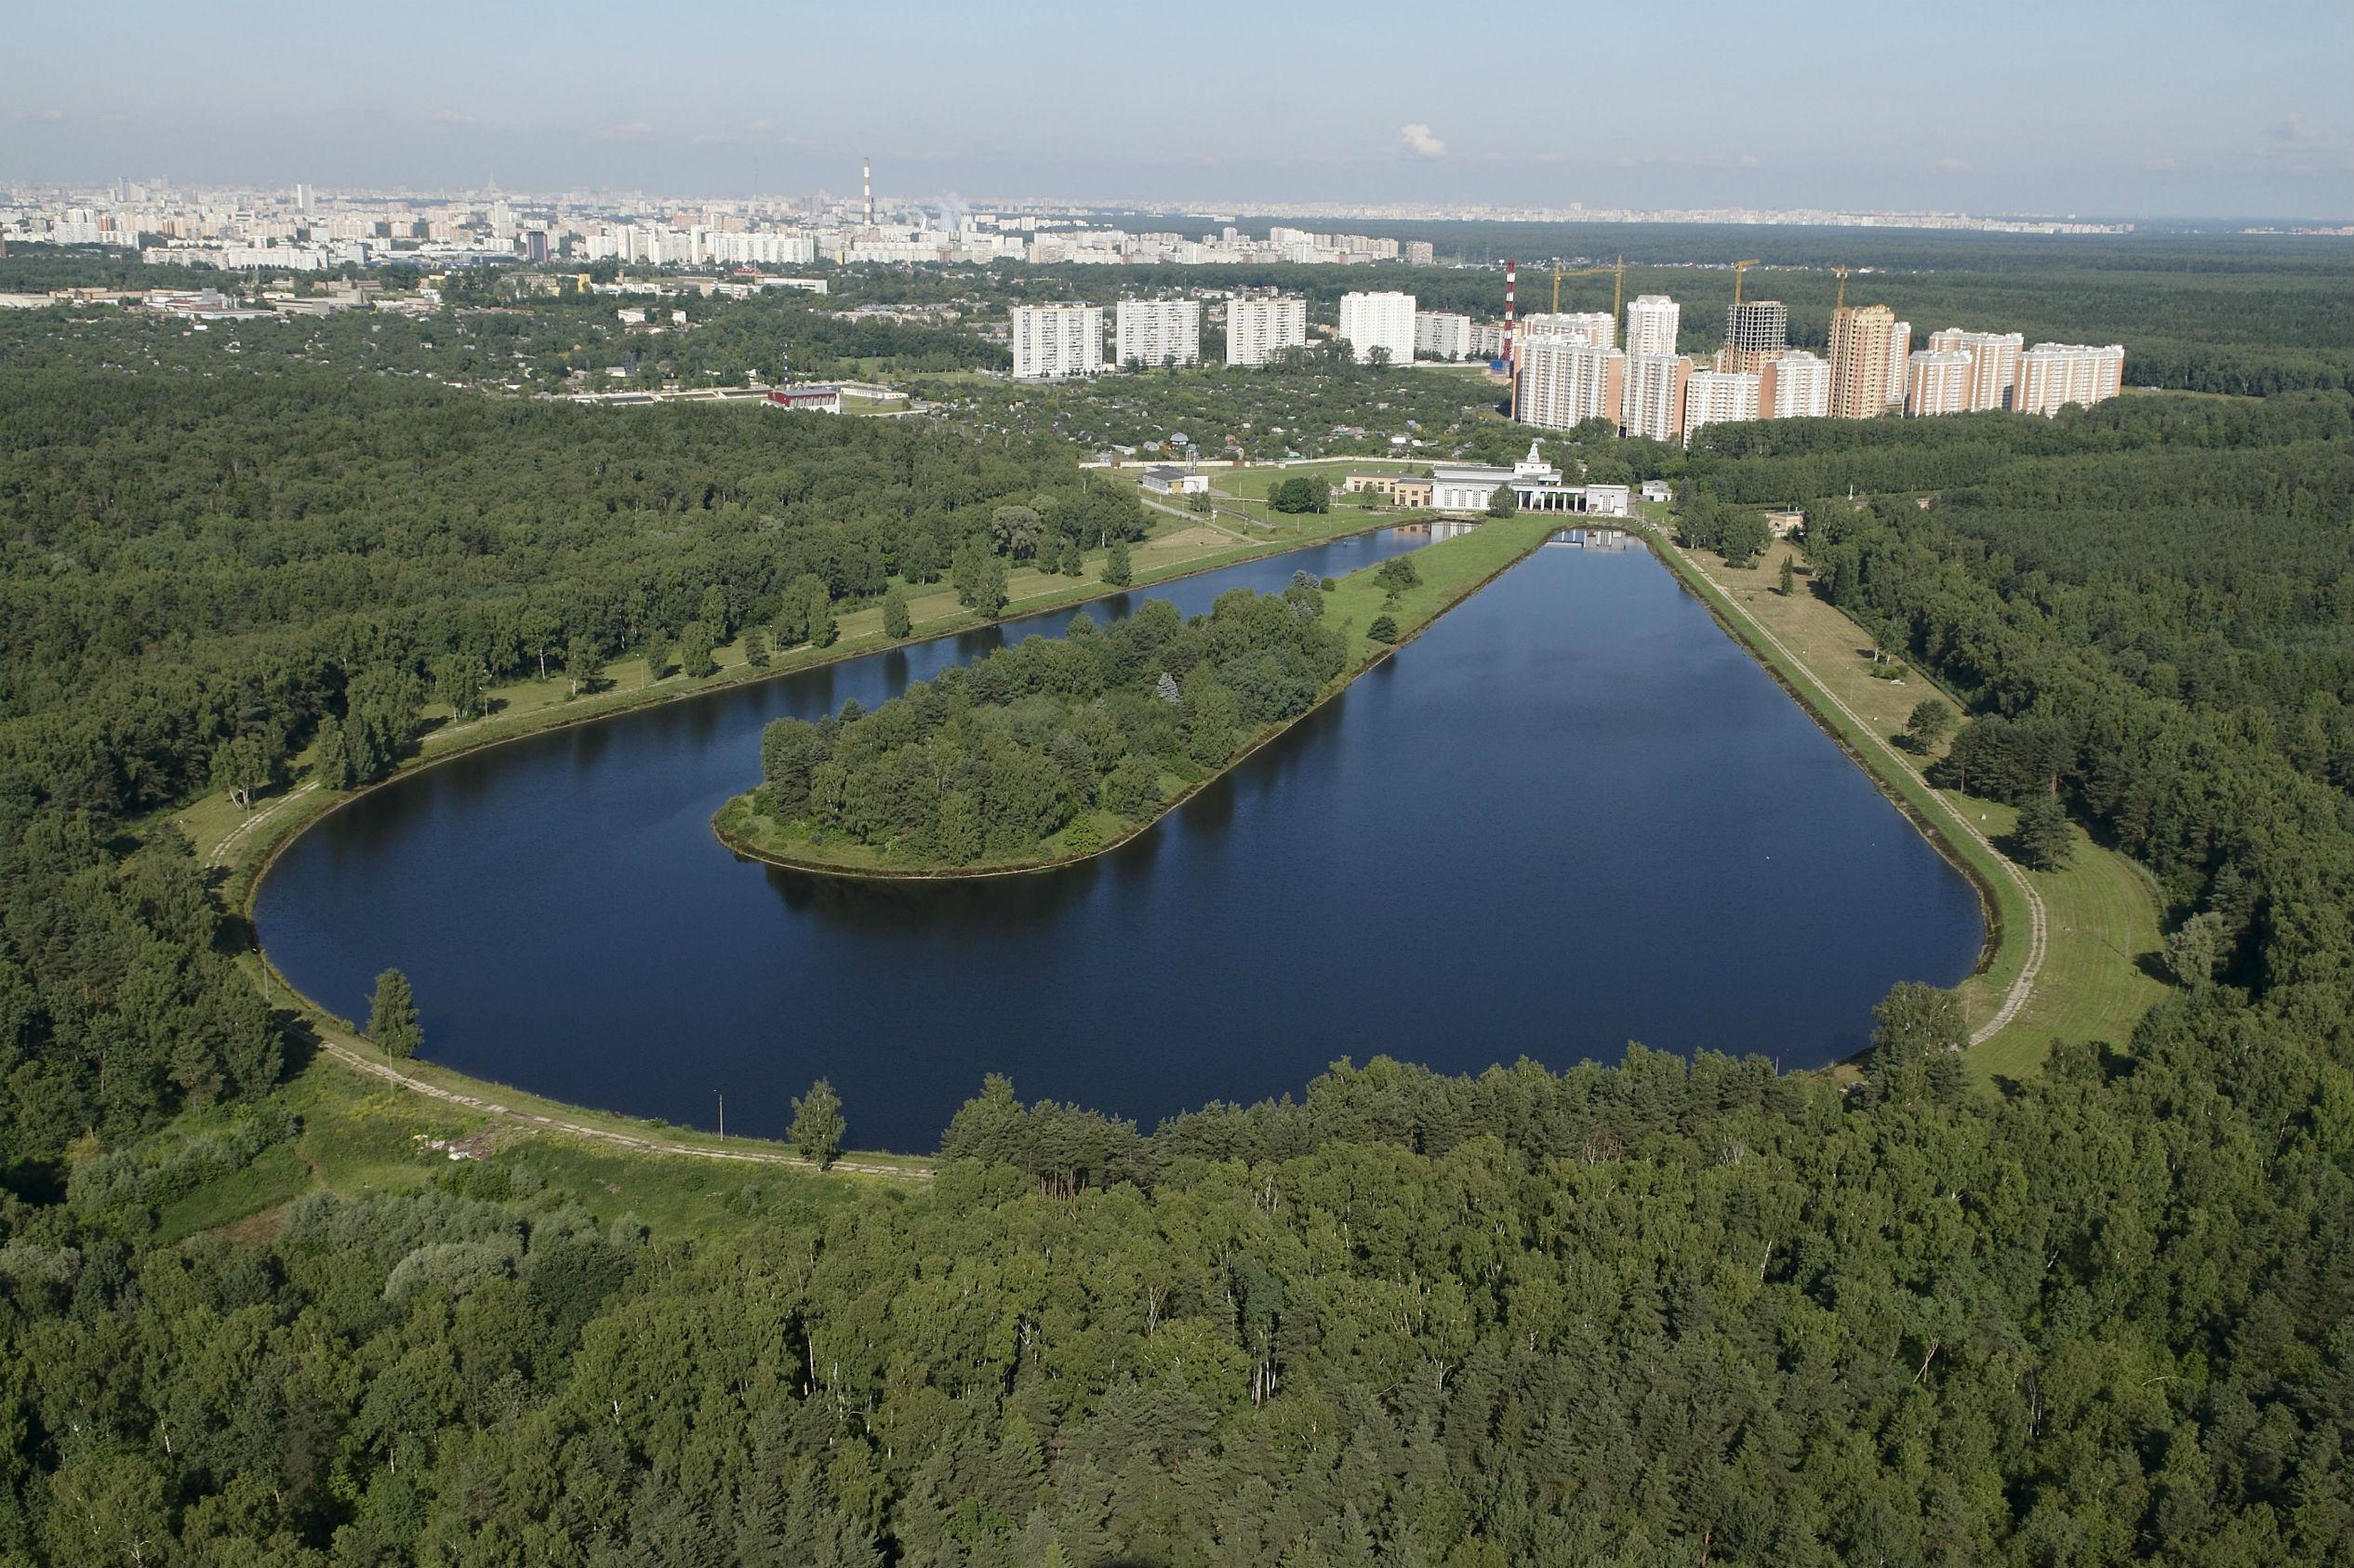 По оценкам экспертов примерный объем необходимых инвестиций в модернизацию объектов водоснабжения и водоотведения оценивается в 200 млрд. рублей ежегодно.